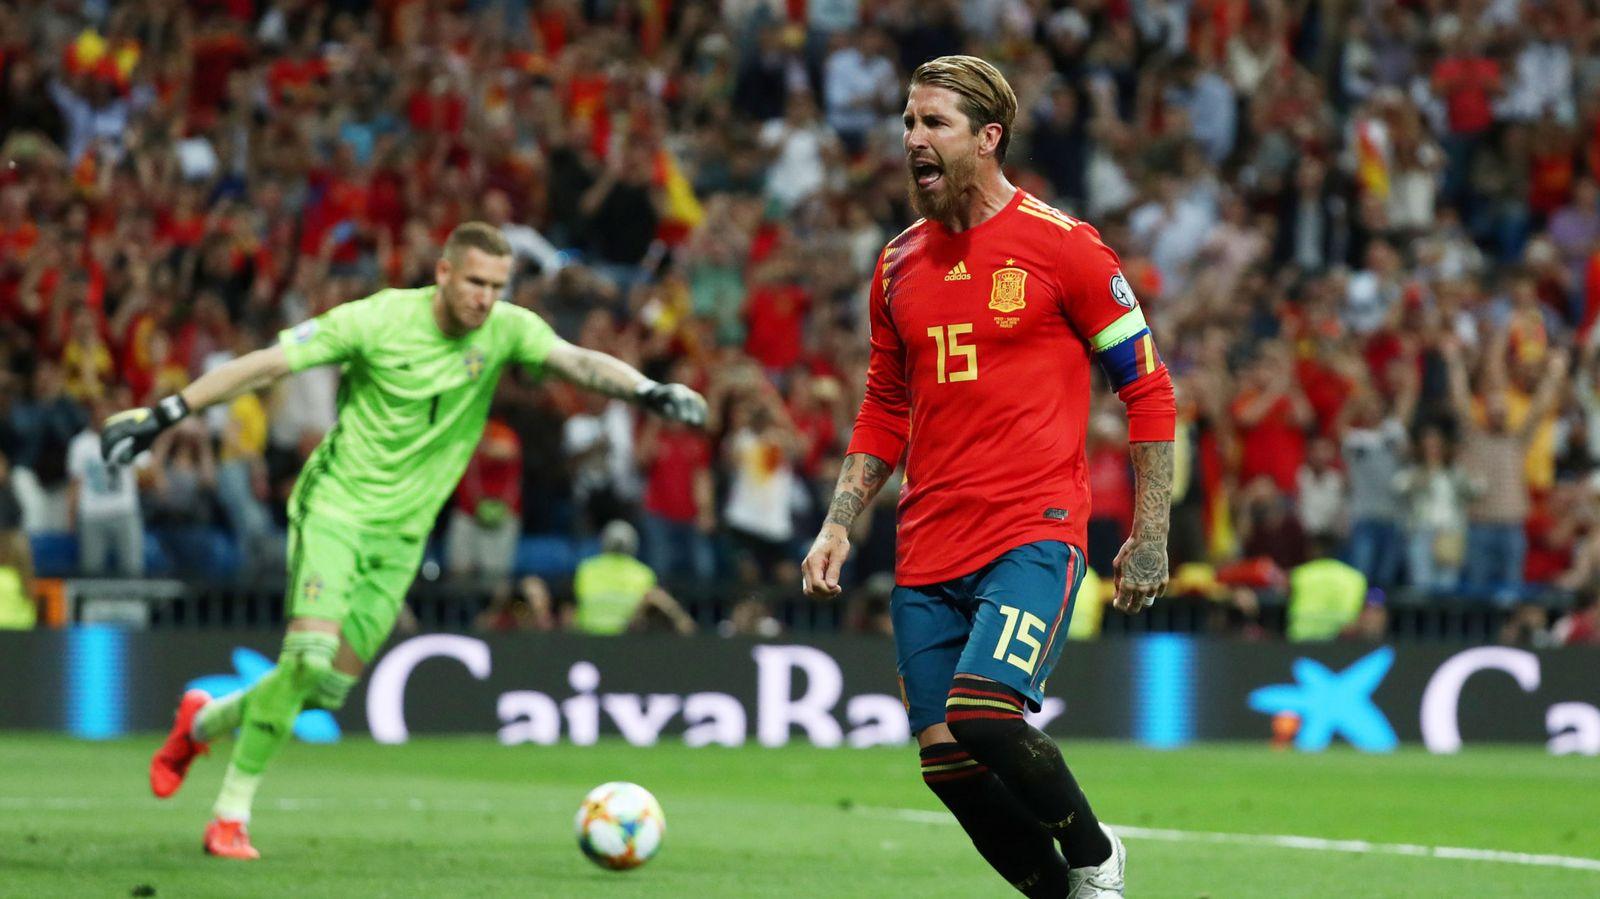 Foto: Euro 2020 qualifier - group f - spain v sweden